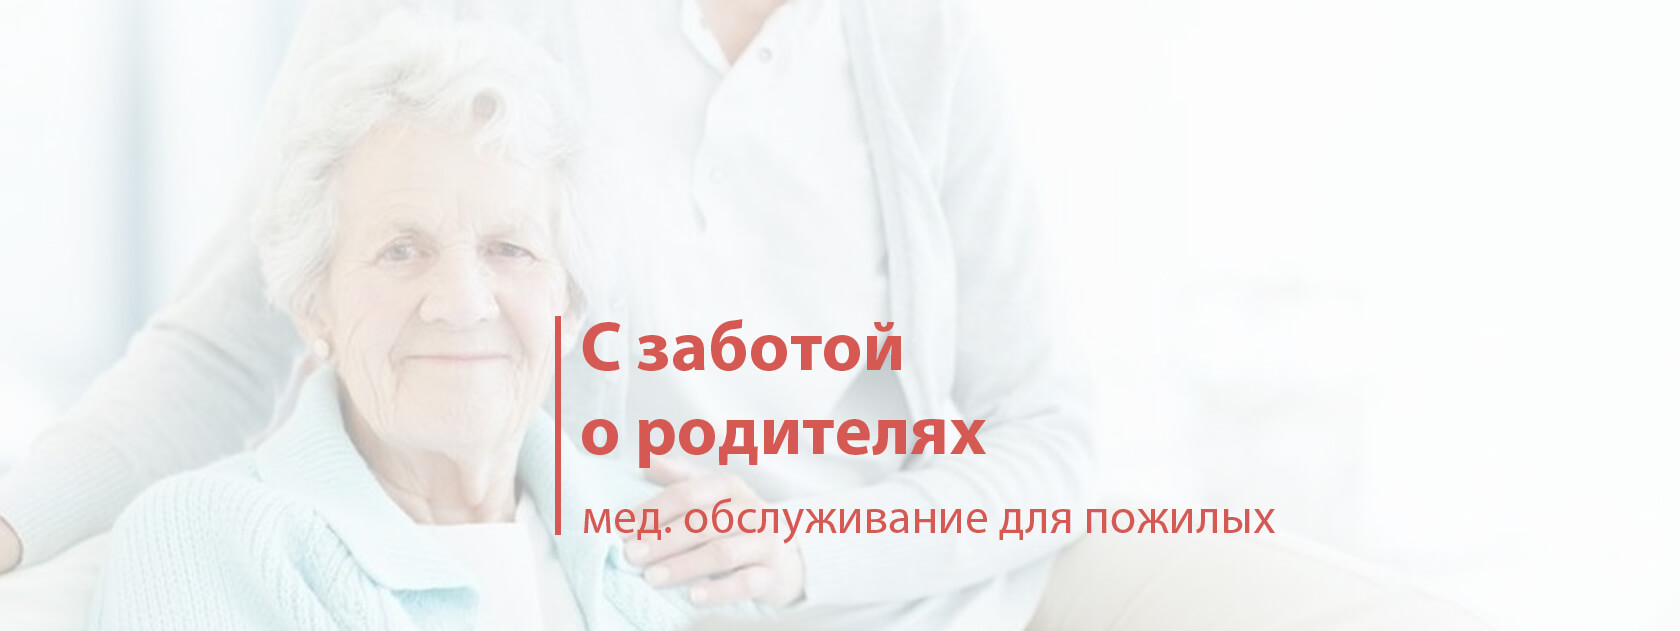 Медицинское обслуживание пожилых